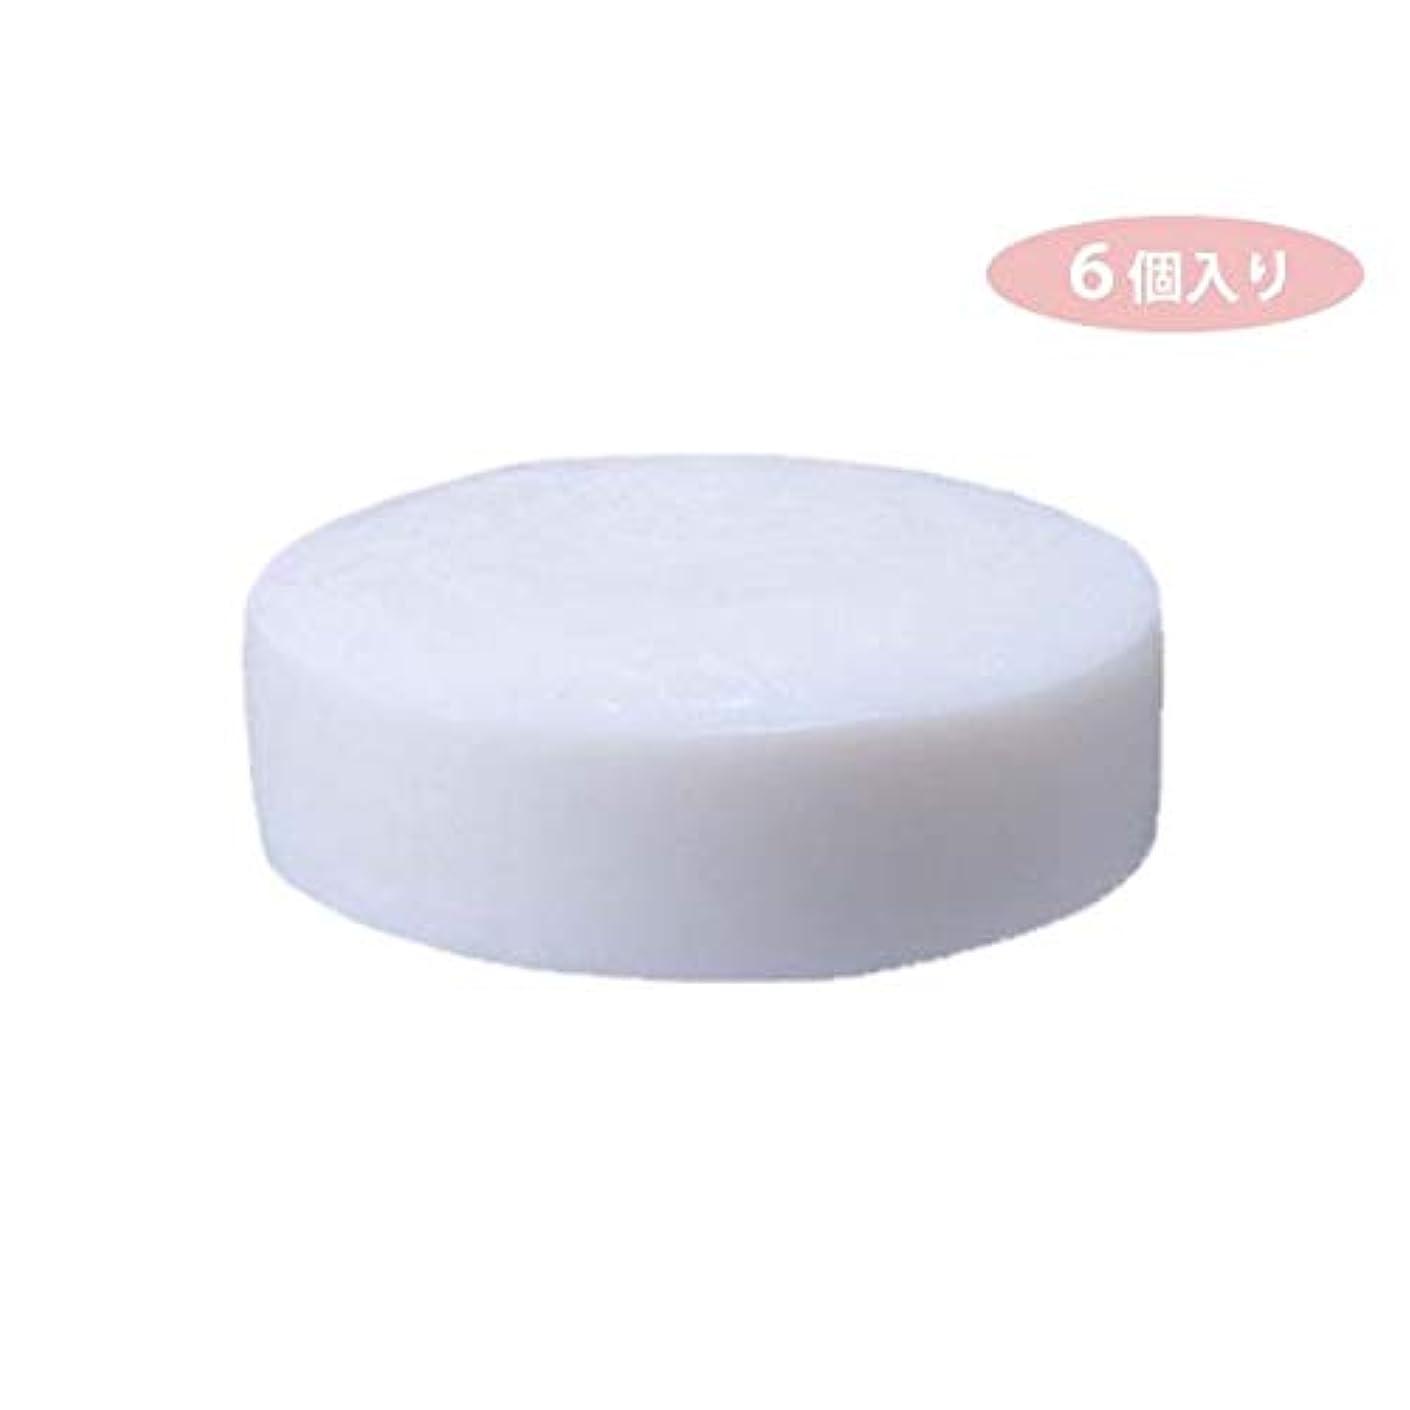 メッシュ裂け目豊富CBH-S 6個入り 敏感なお肌のための化粧石鹸